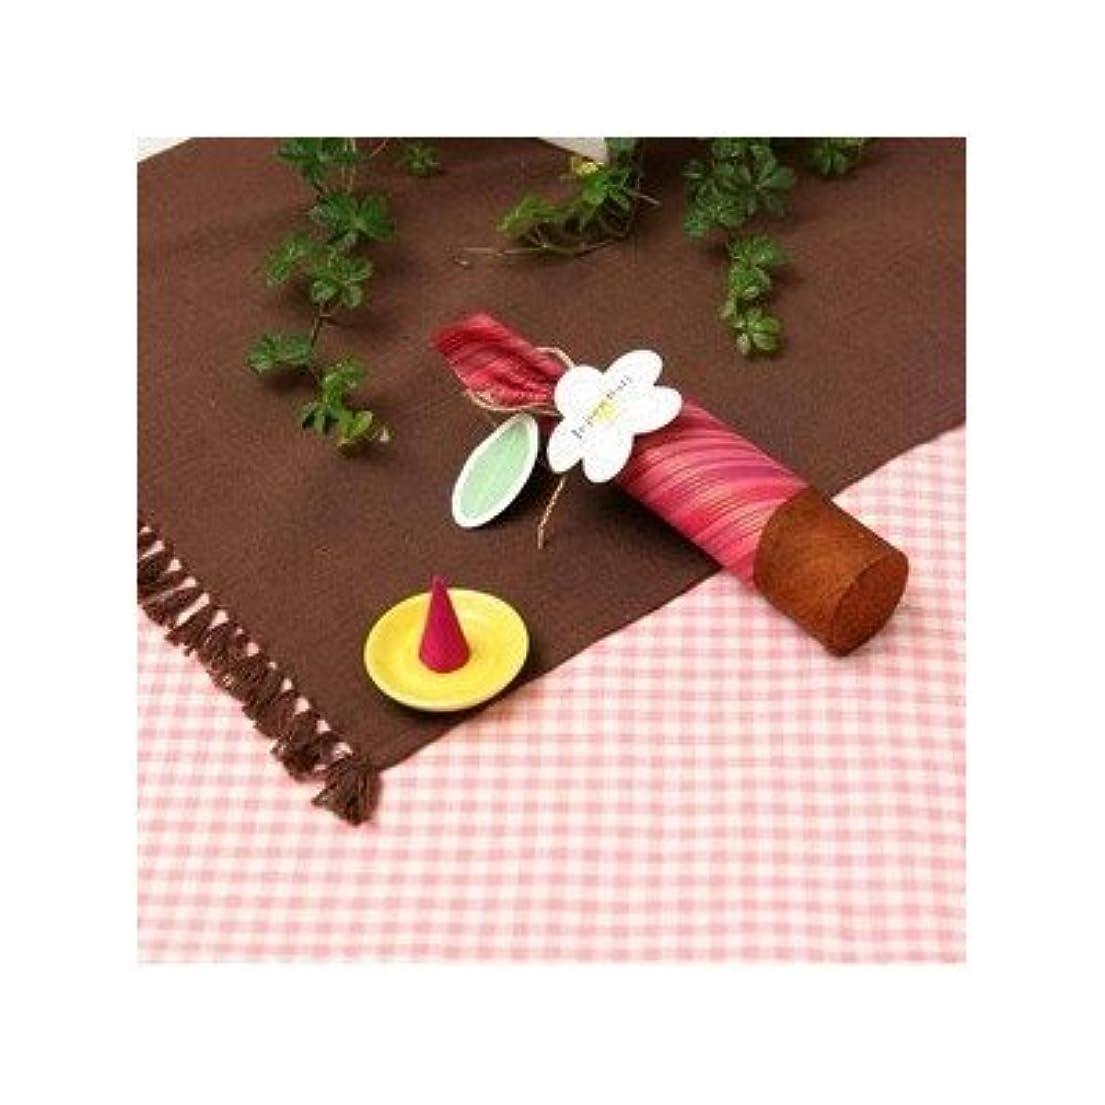 サイト配管偽お香/インセンス 〔桜の香り コーンタイプ10個入り〕 バリ島製 「Jupen Bari ジュプンバリ」[通販用梱包品]